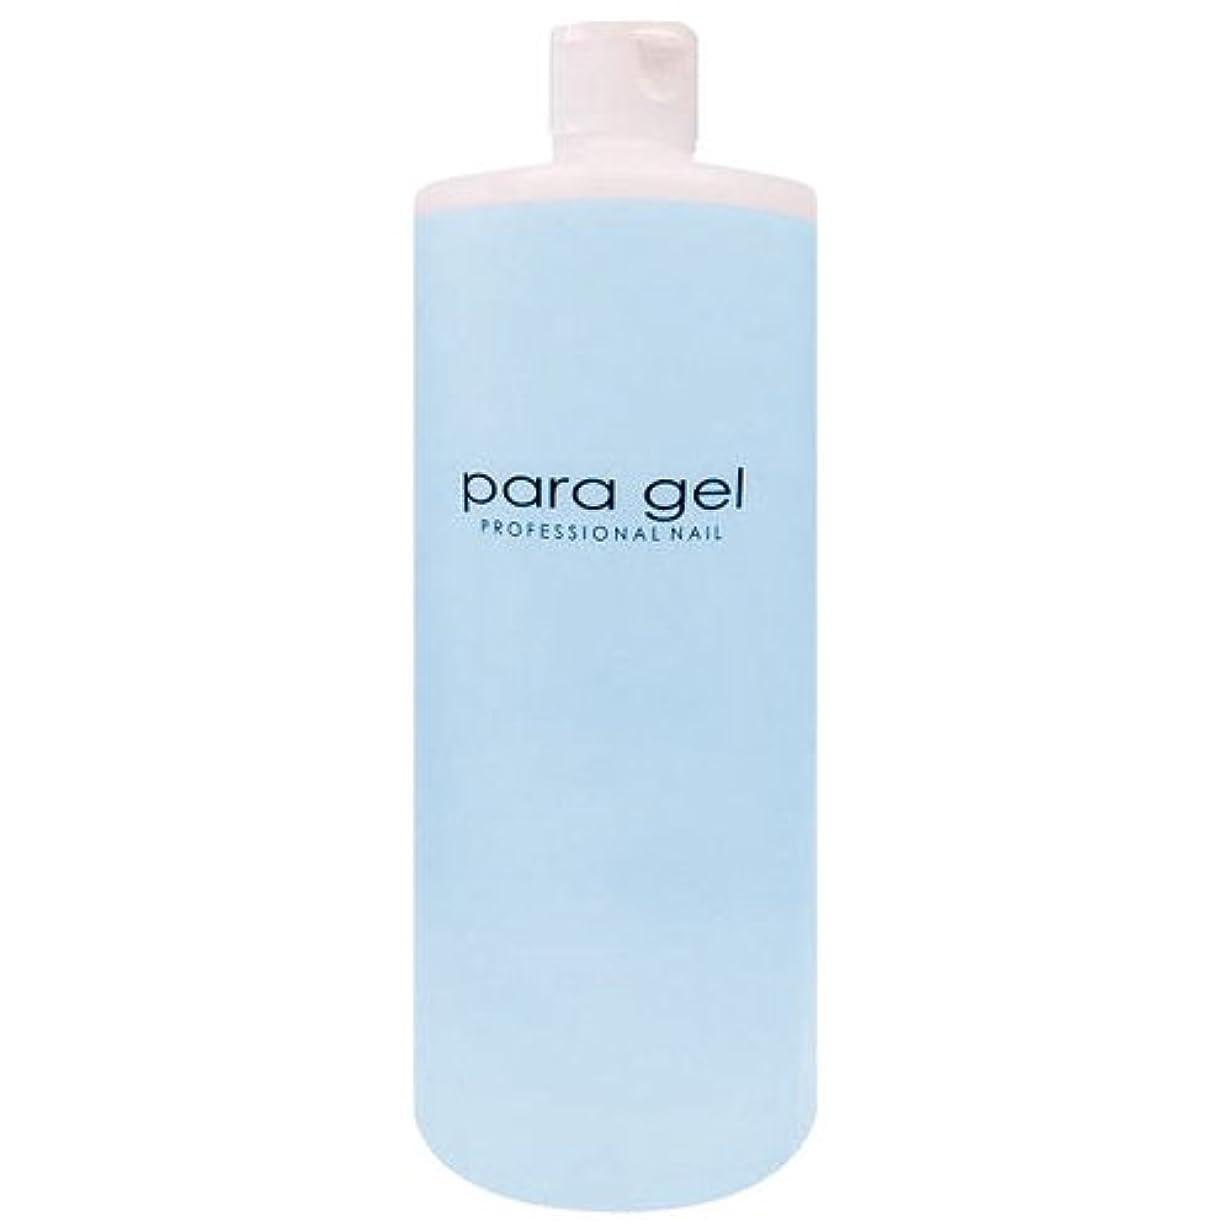 パラジェル(para gel) パラプレップ 1000ml